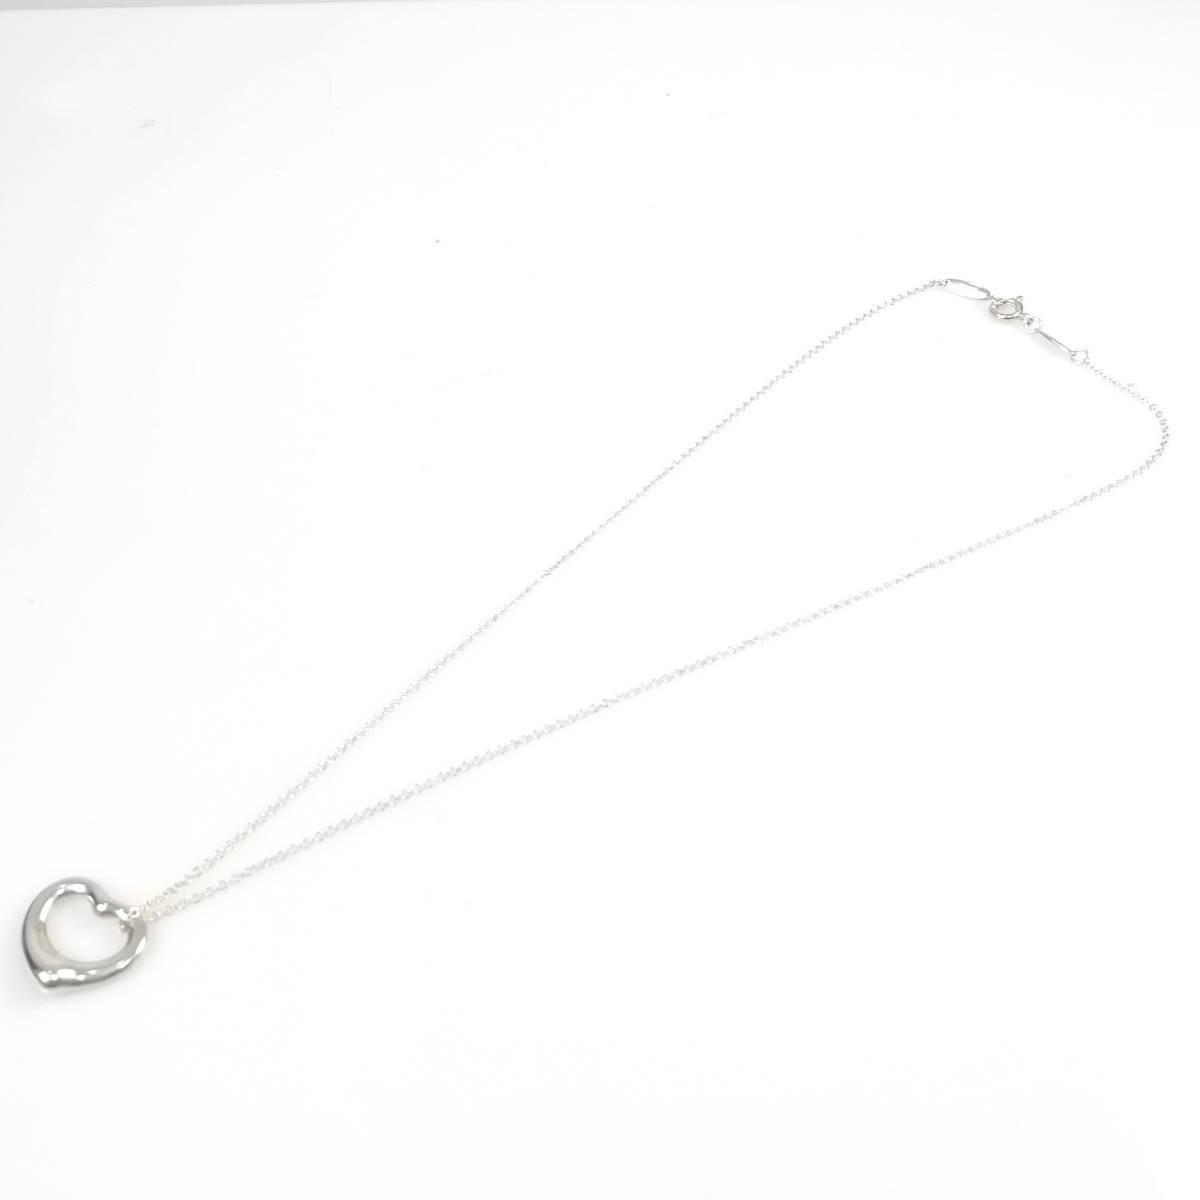 【送料無料】 美品 Tiffany&Co. ティファニー オープン ハート ネックレス シルバー SV925 レディース YL24_画像5